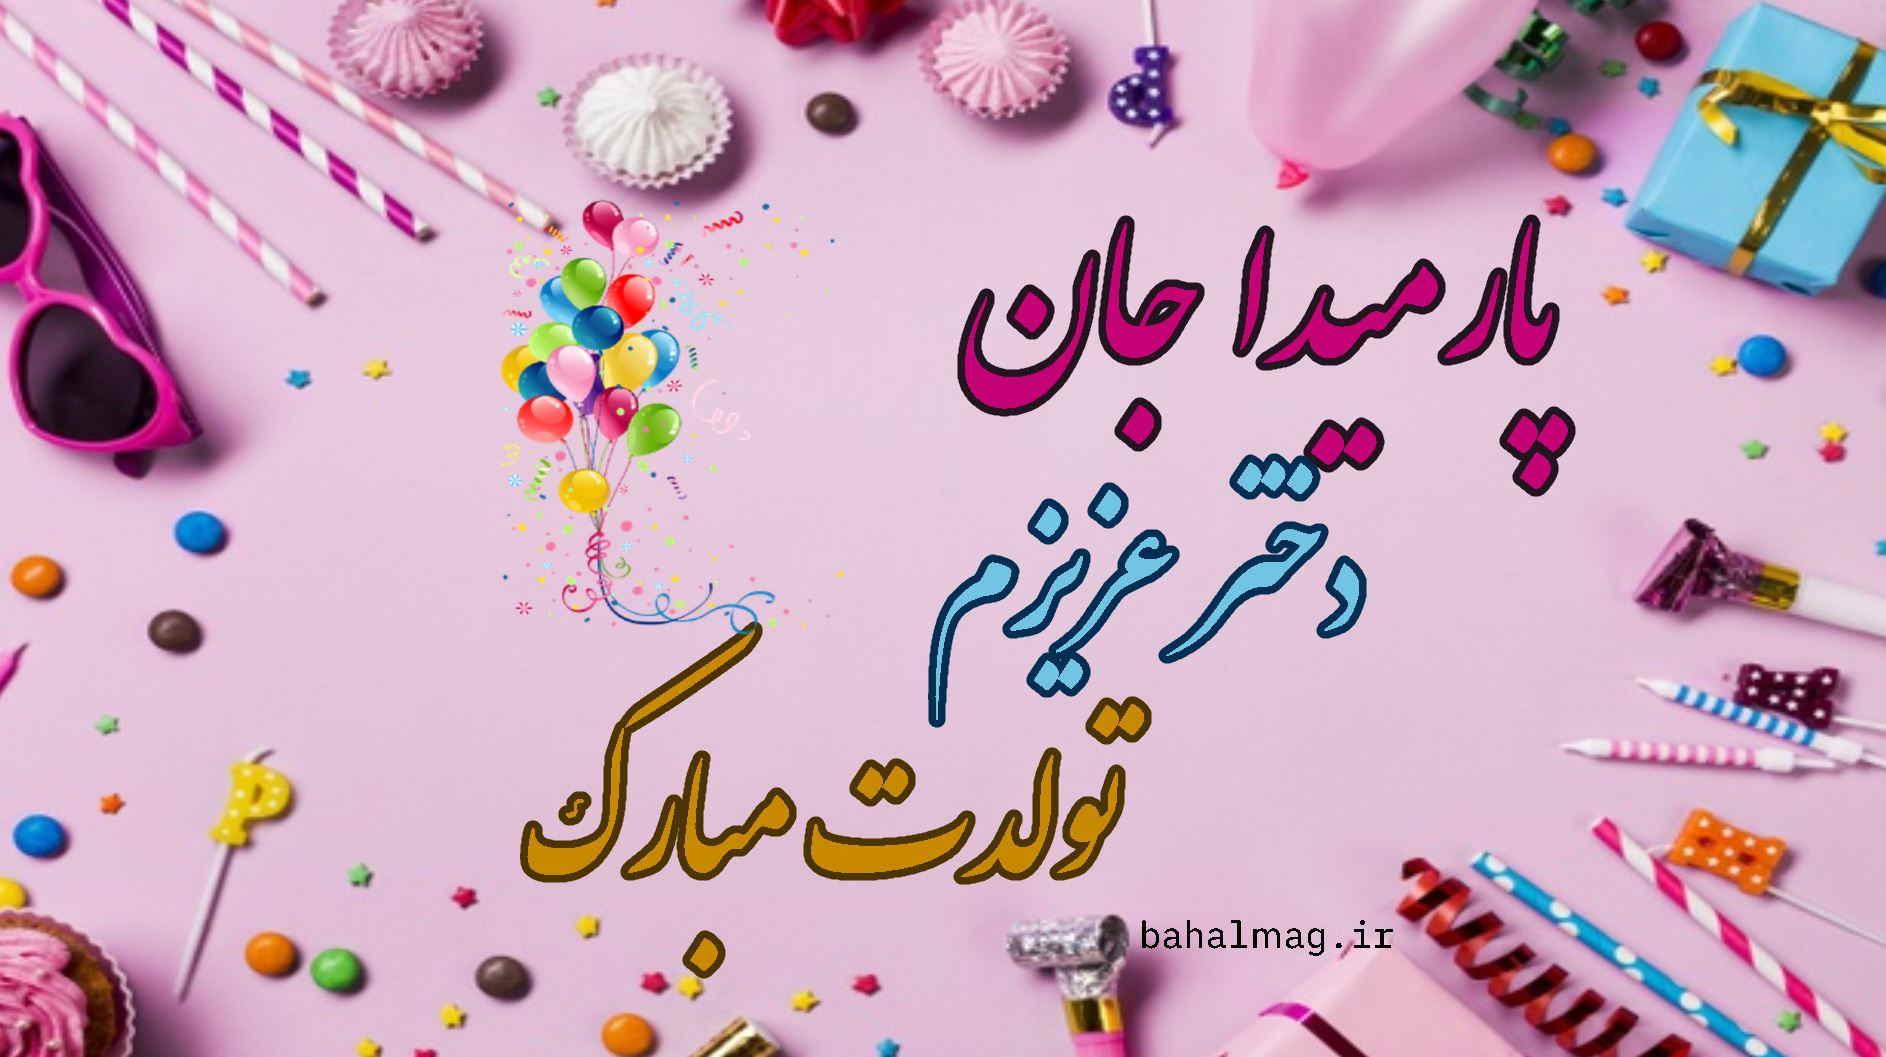 پارمیدا دختر عزیزم تولدت مبارک